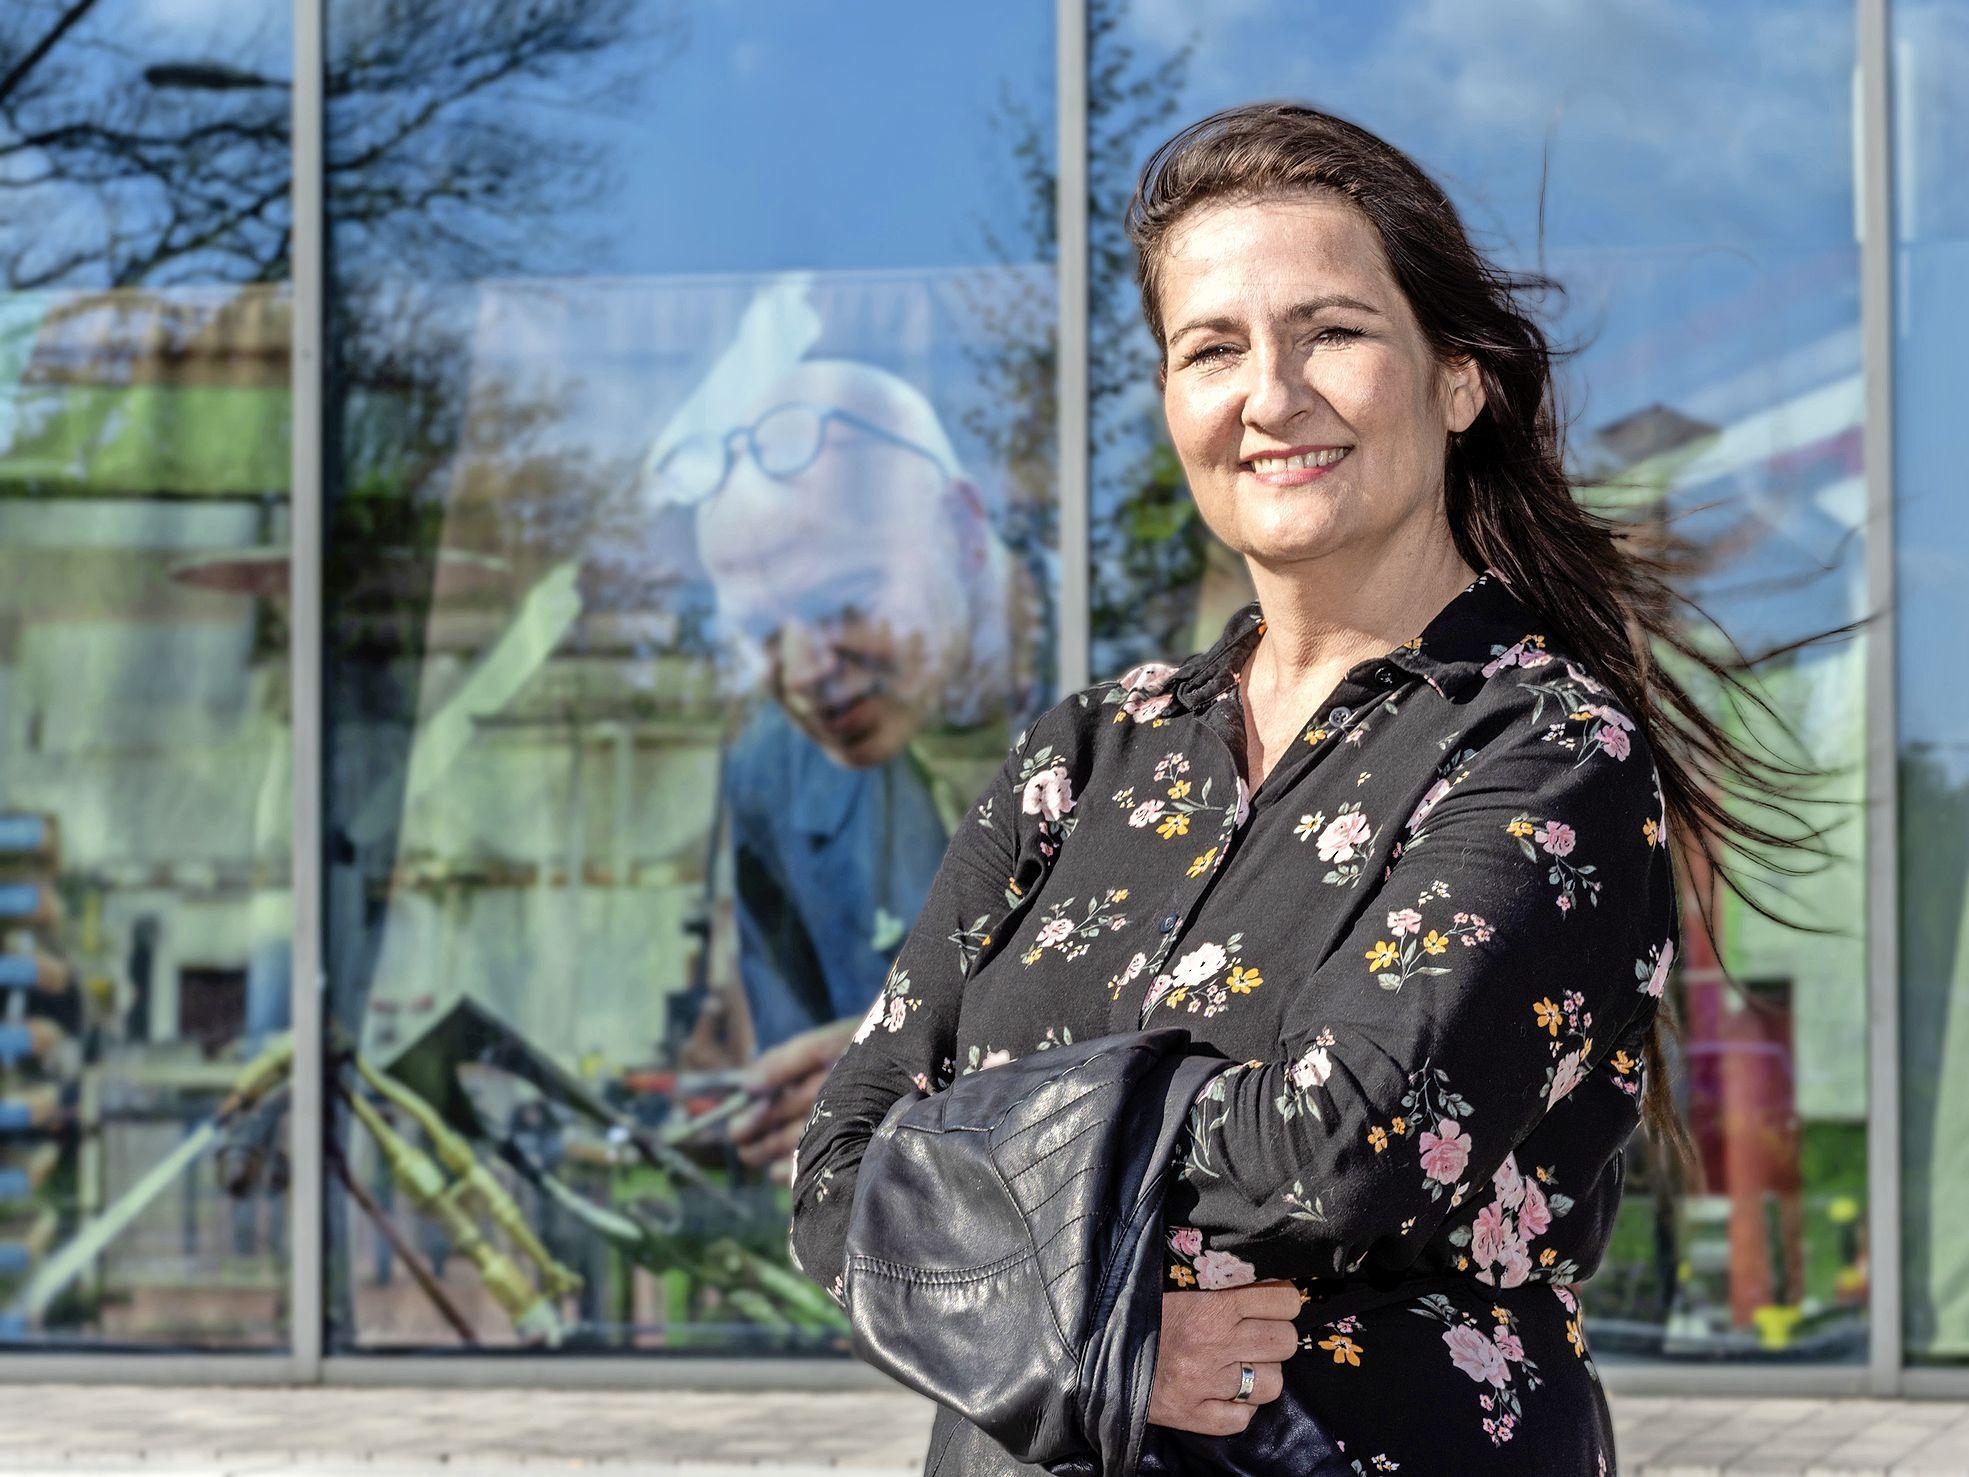 Stagejager Cynthia Romijn bestrijdt tekort stageplekken door corona: 'Het is een groot probleem'